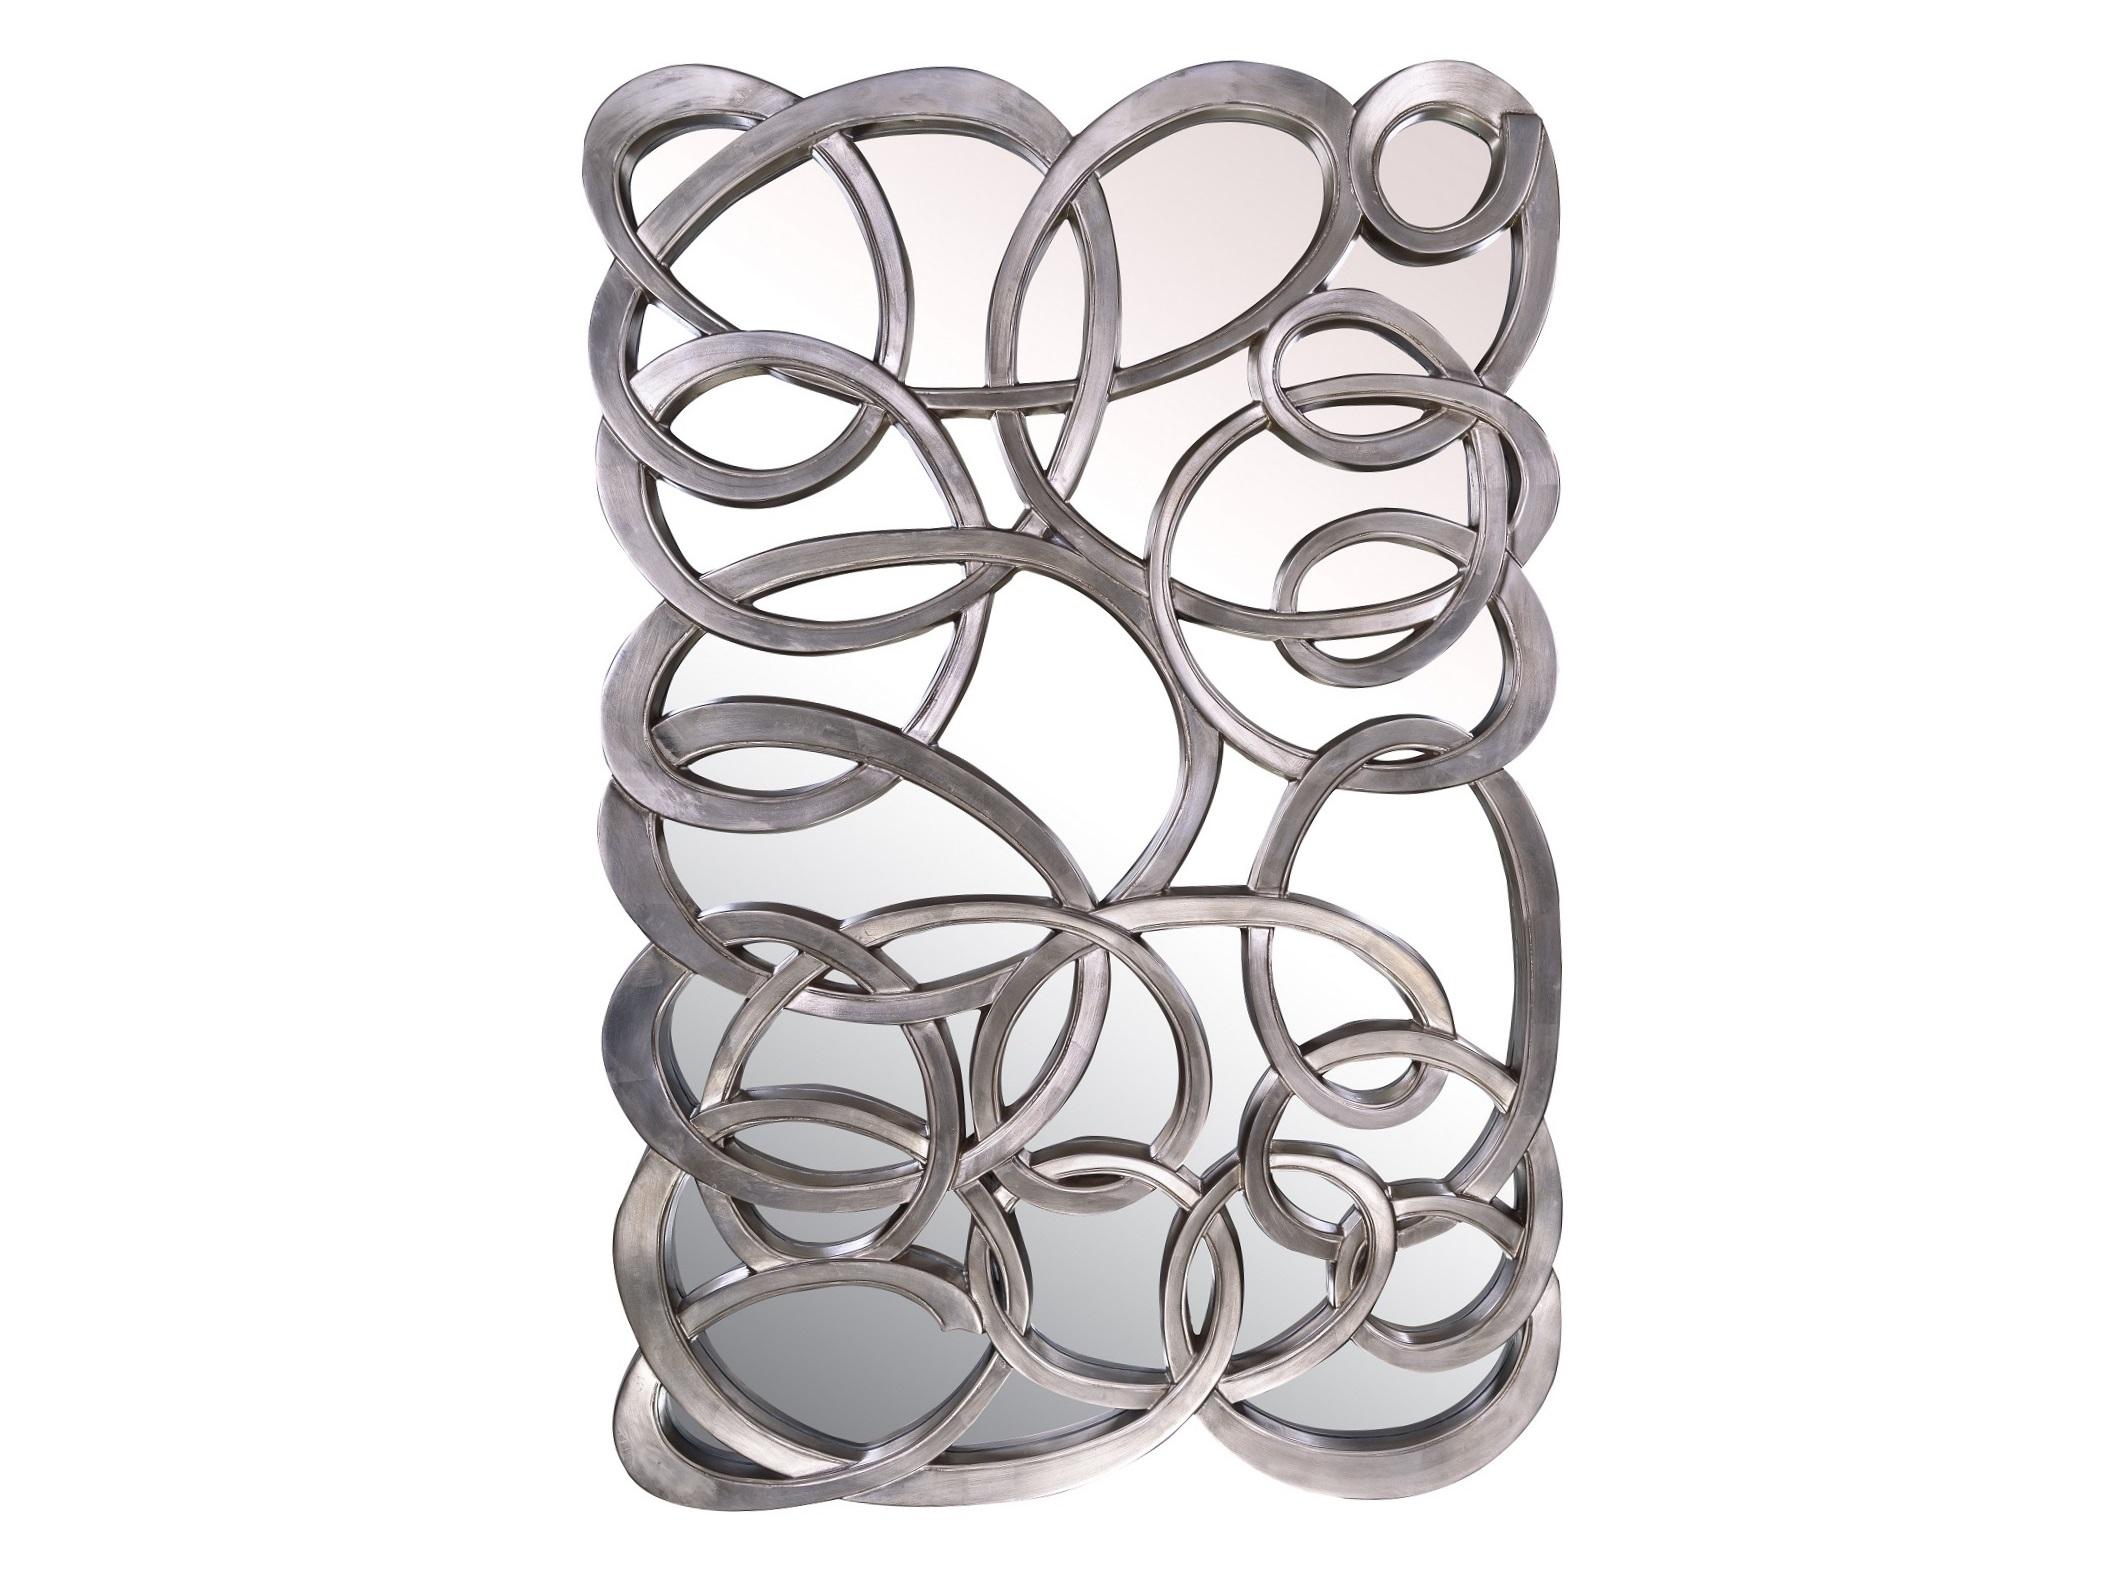 Зеркальное панно ComplexityНастенные зеркала<br>Зеркальное панно COMPLEXITY более полутора метров в высоту - оригинальный и смелый предмет декора интерьера. Такое украшение отлично впишется в современный интерьер, оформленный в стиле ар-деко.<br><br>Цвет: Серебро<br>Материал: Полиуретан<br><br>Material: Стекло<br>Length см: None<br>Width см: 102.0<br>Depth см: None<br>Height см: 155.0<br>Diameter см: None